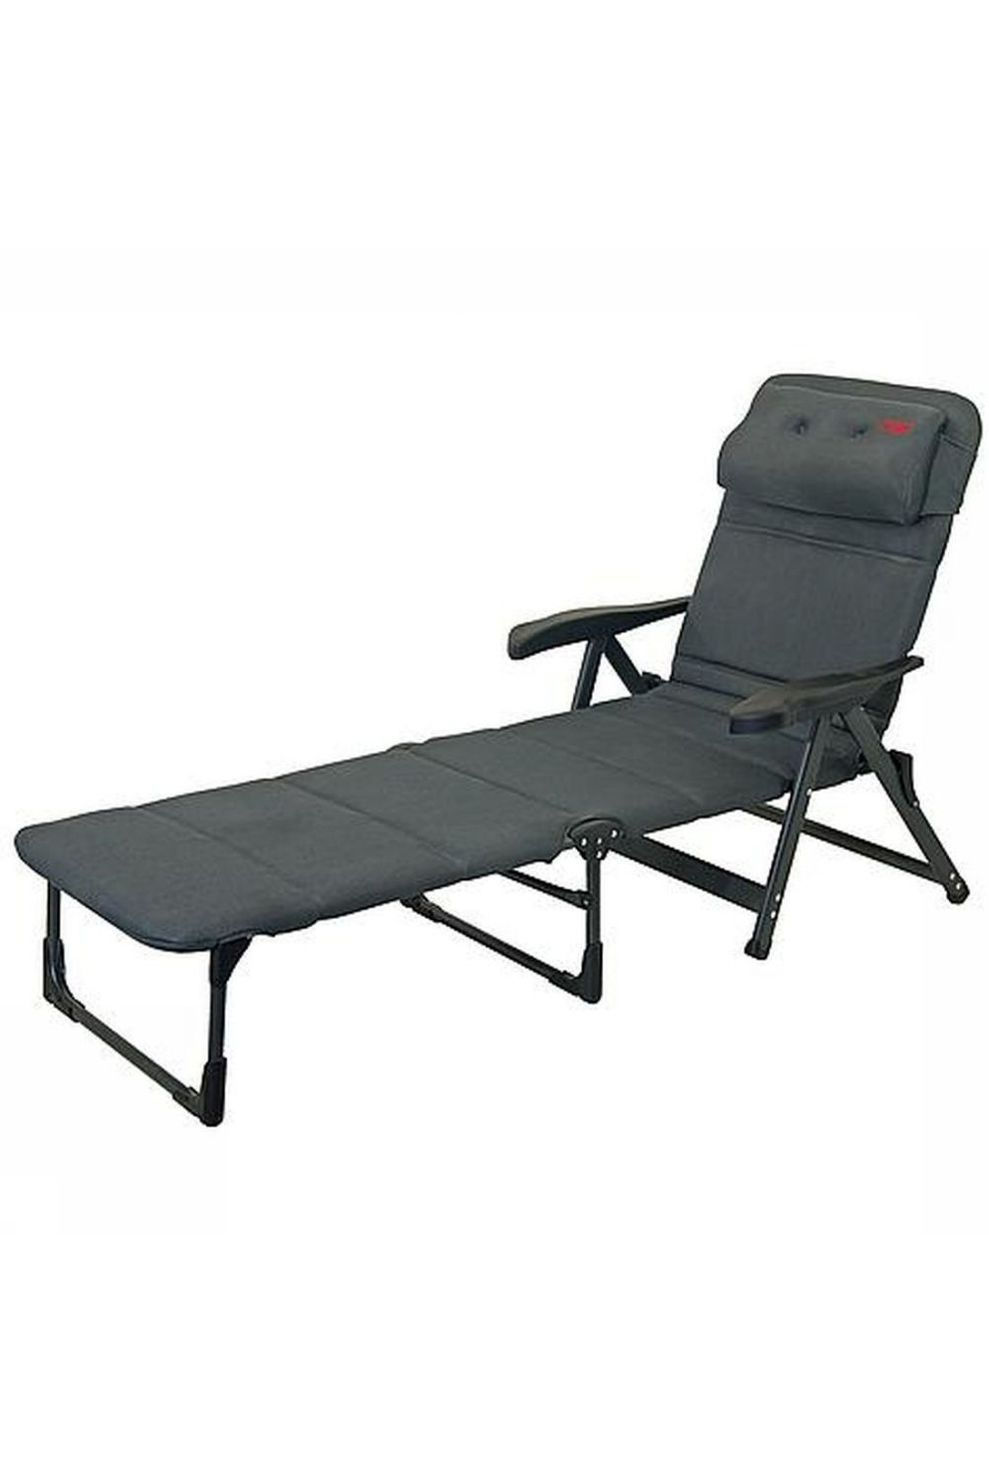 Crespo Relaxstoel Zit Ligstoel Ap-233 Air-Deluxe - Grijs